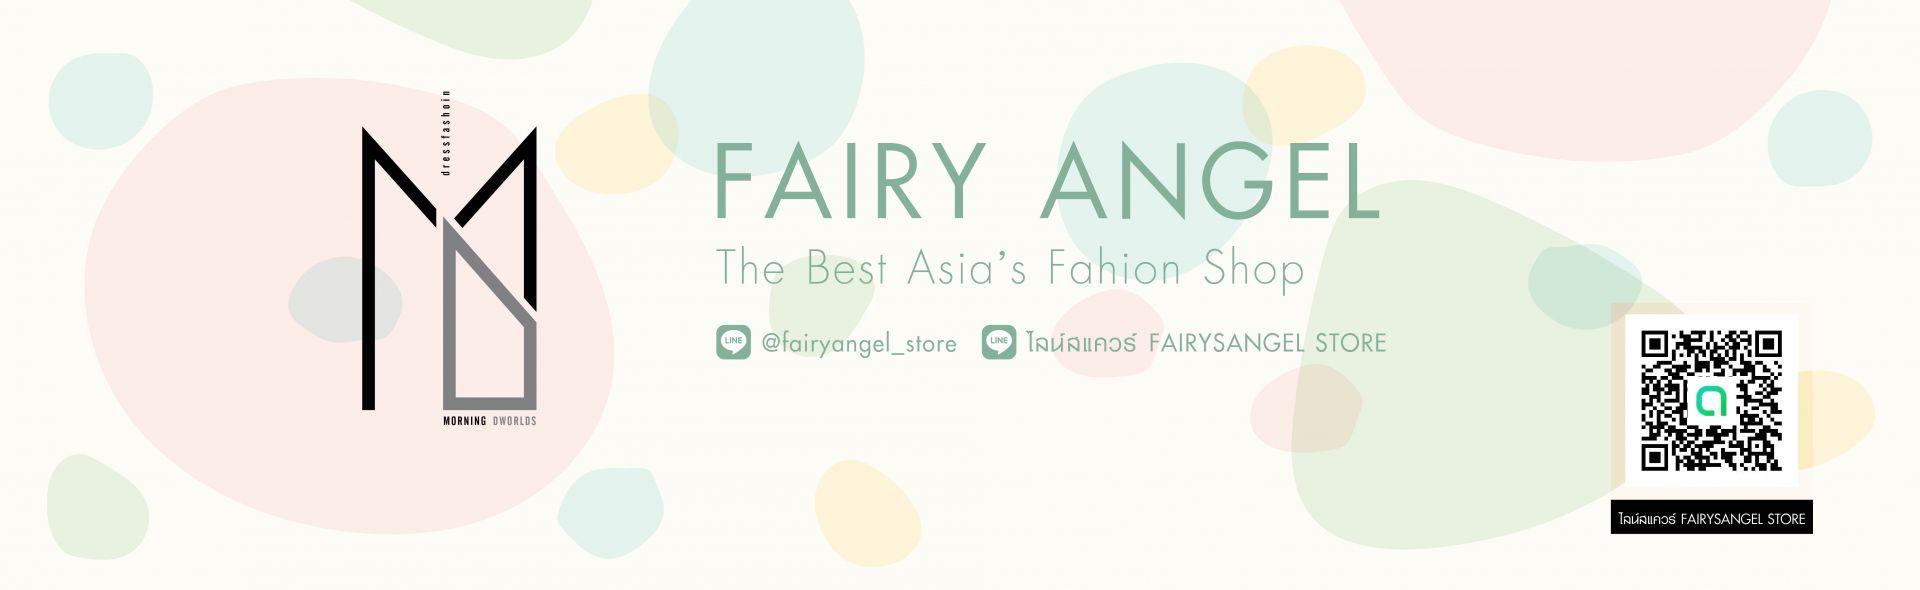 fairyangelstore